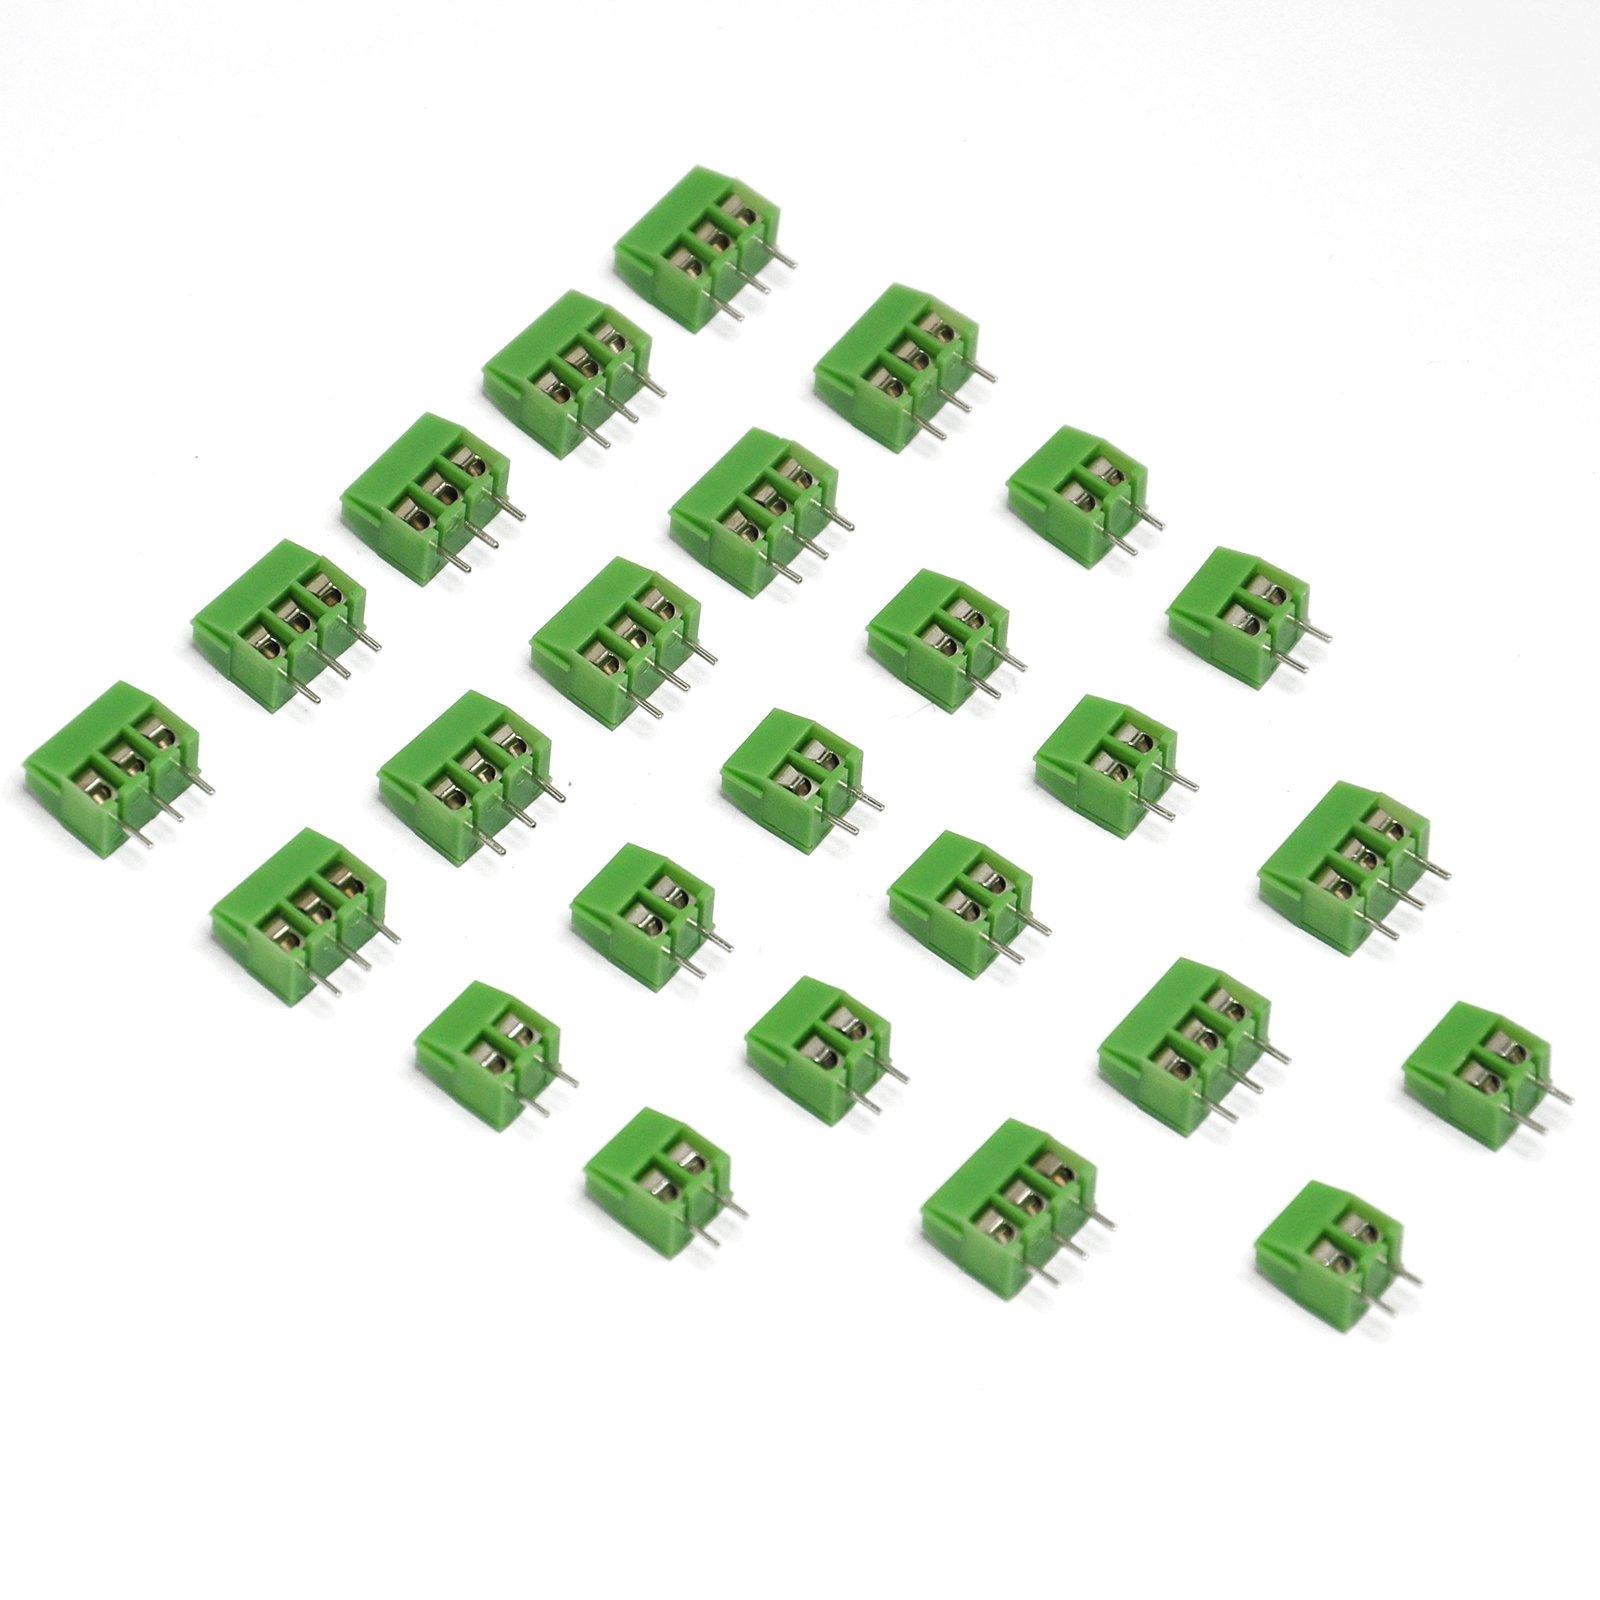 Gikfun 2 Pin and 3 Pin Vertical Screw Header (Pack of 40pcs) for Arduino PCB Shield EK8251